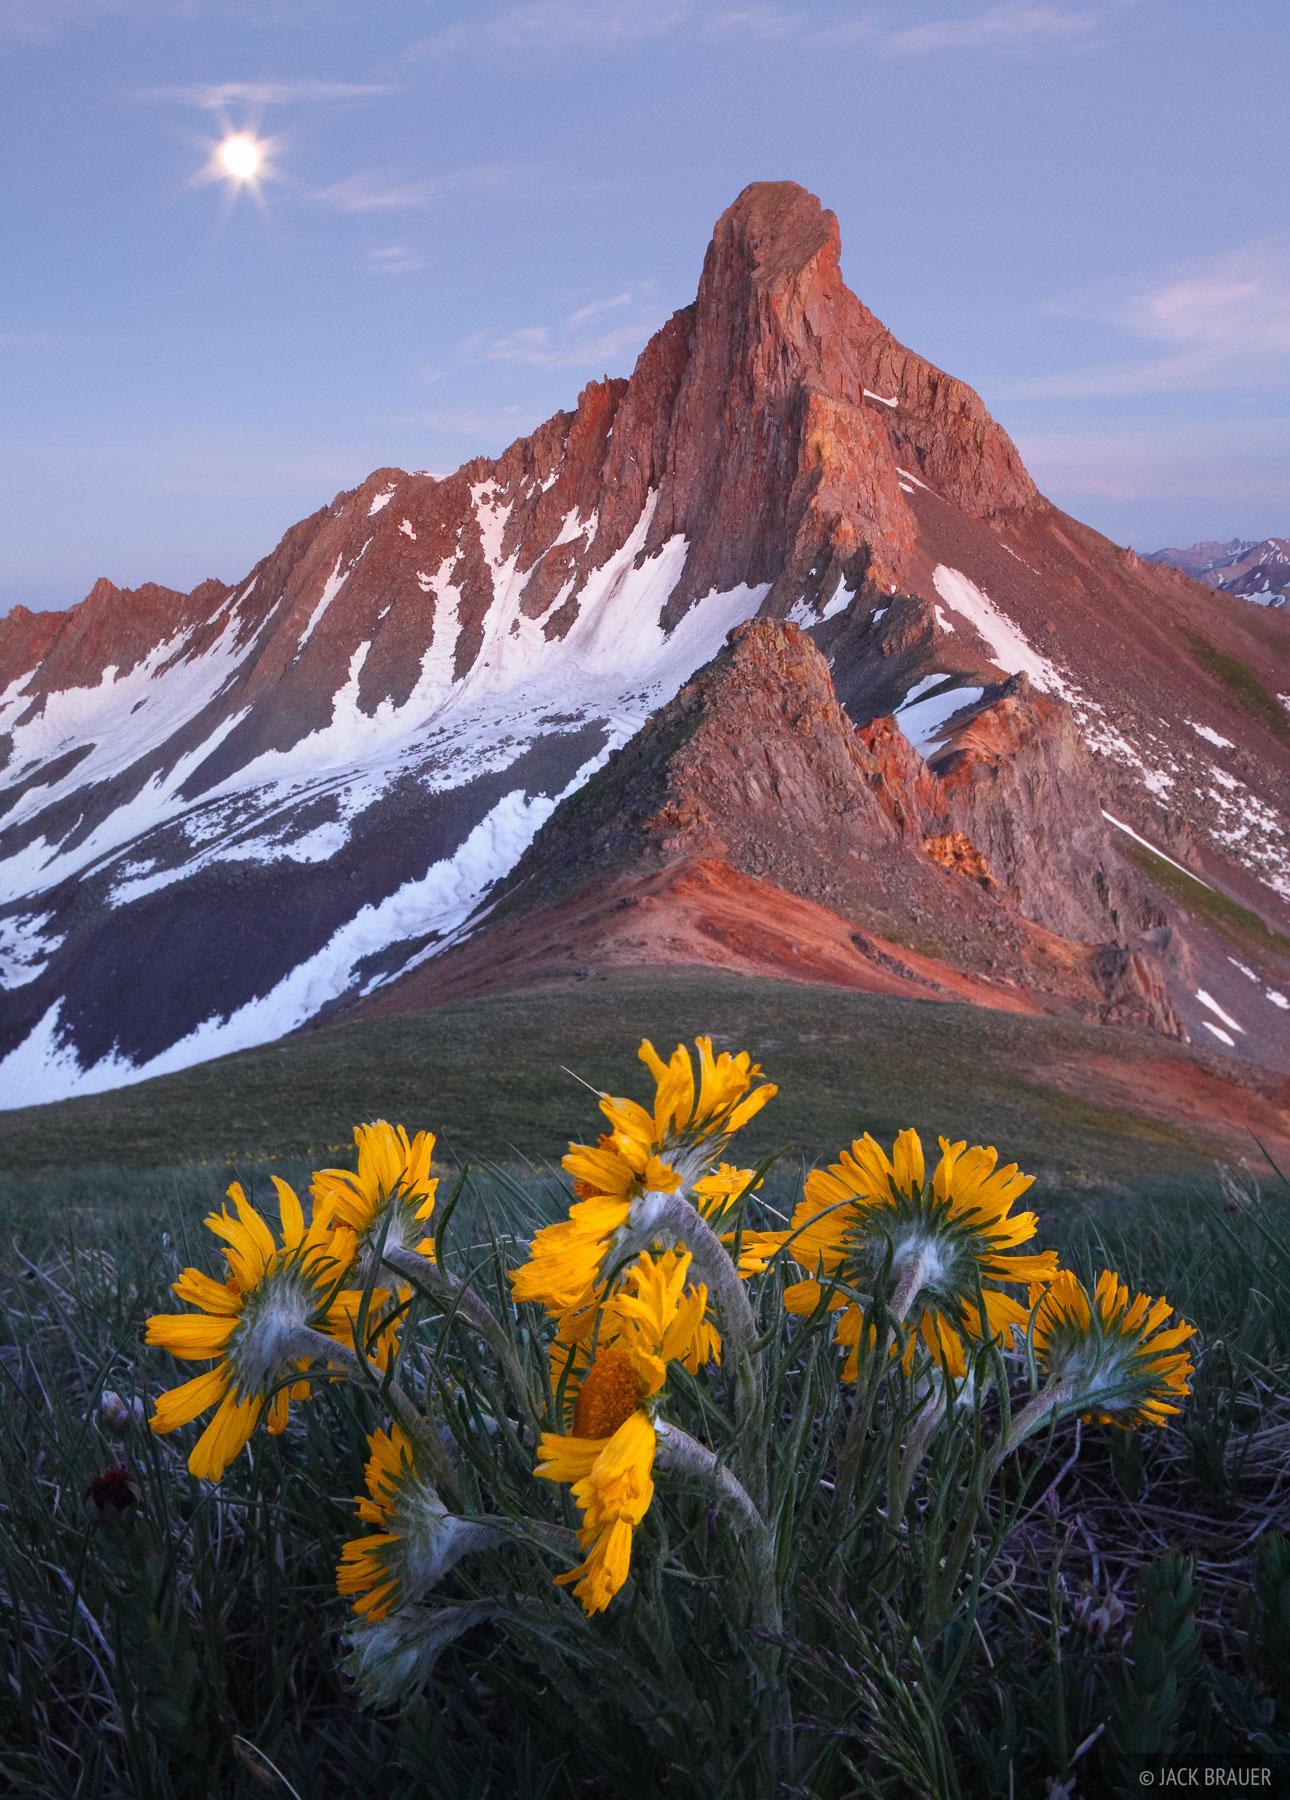 Moon, sunflowers, and Wetterhorn Peak, in the dusk glow in July.